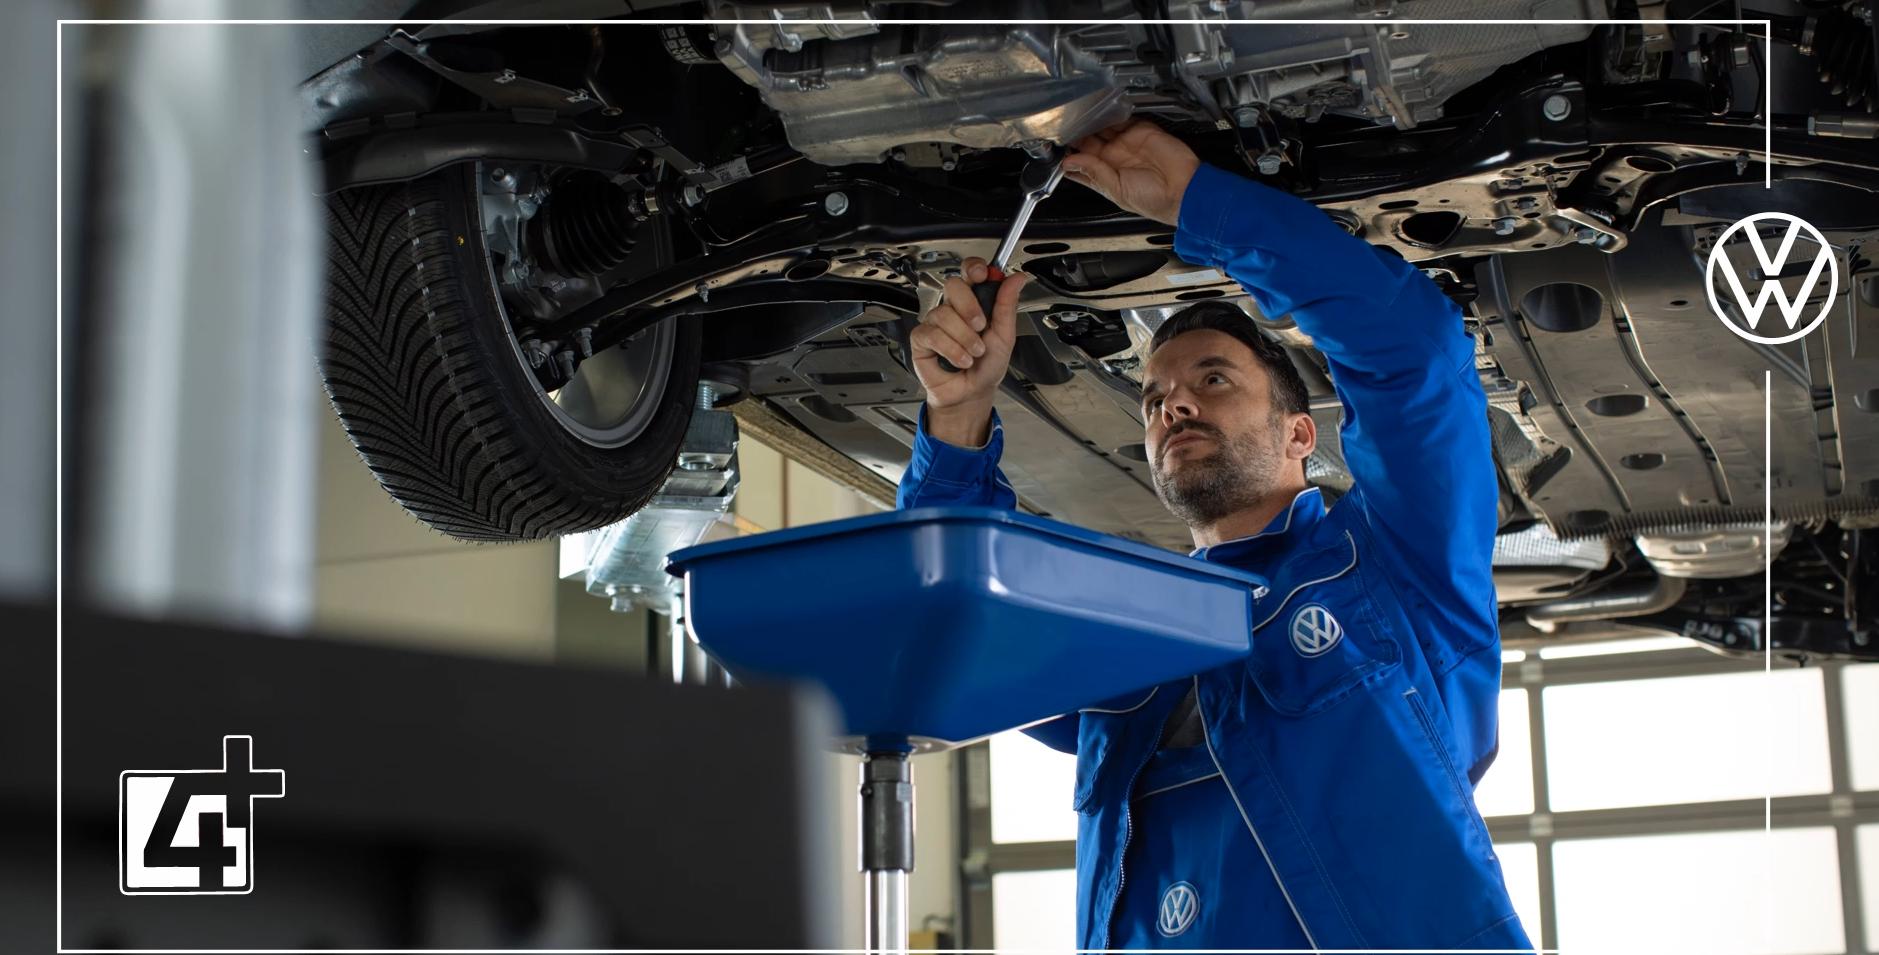 Întreținere perfectă la prețuri speciale pentru automobilele din 2015 sau anterior